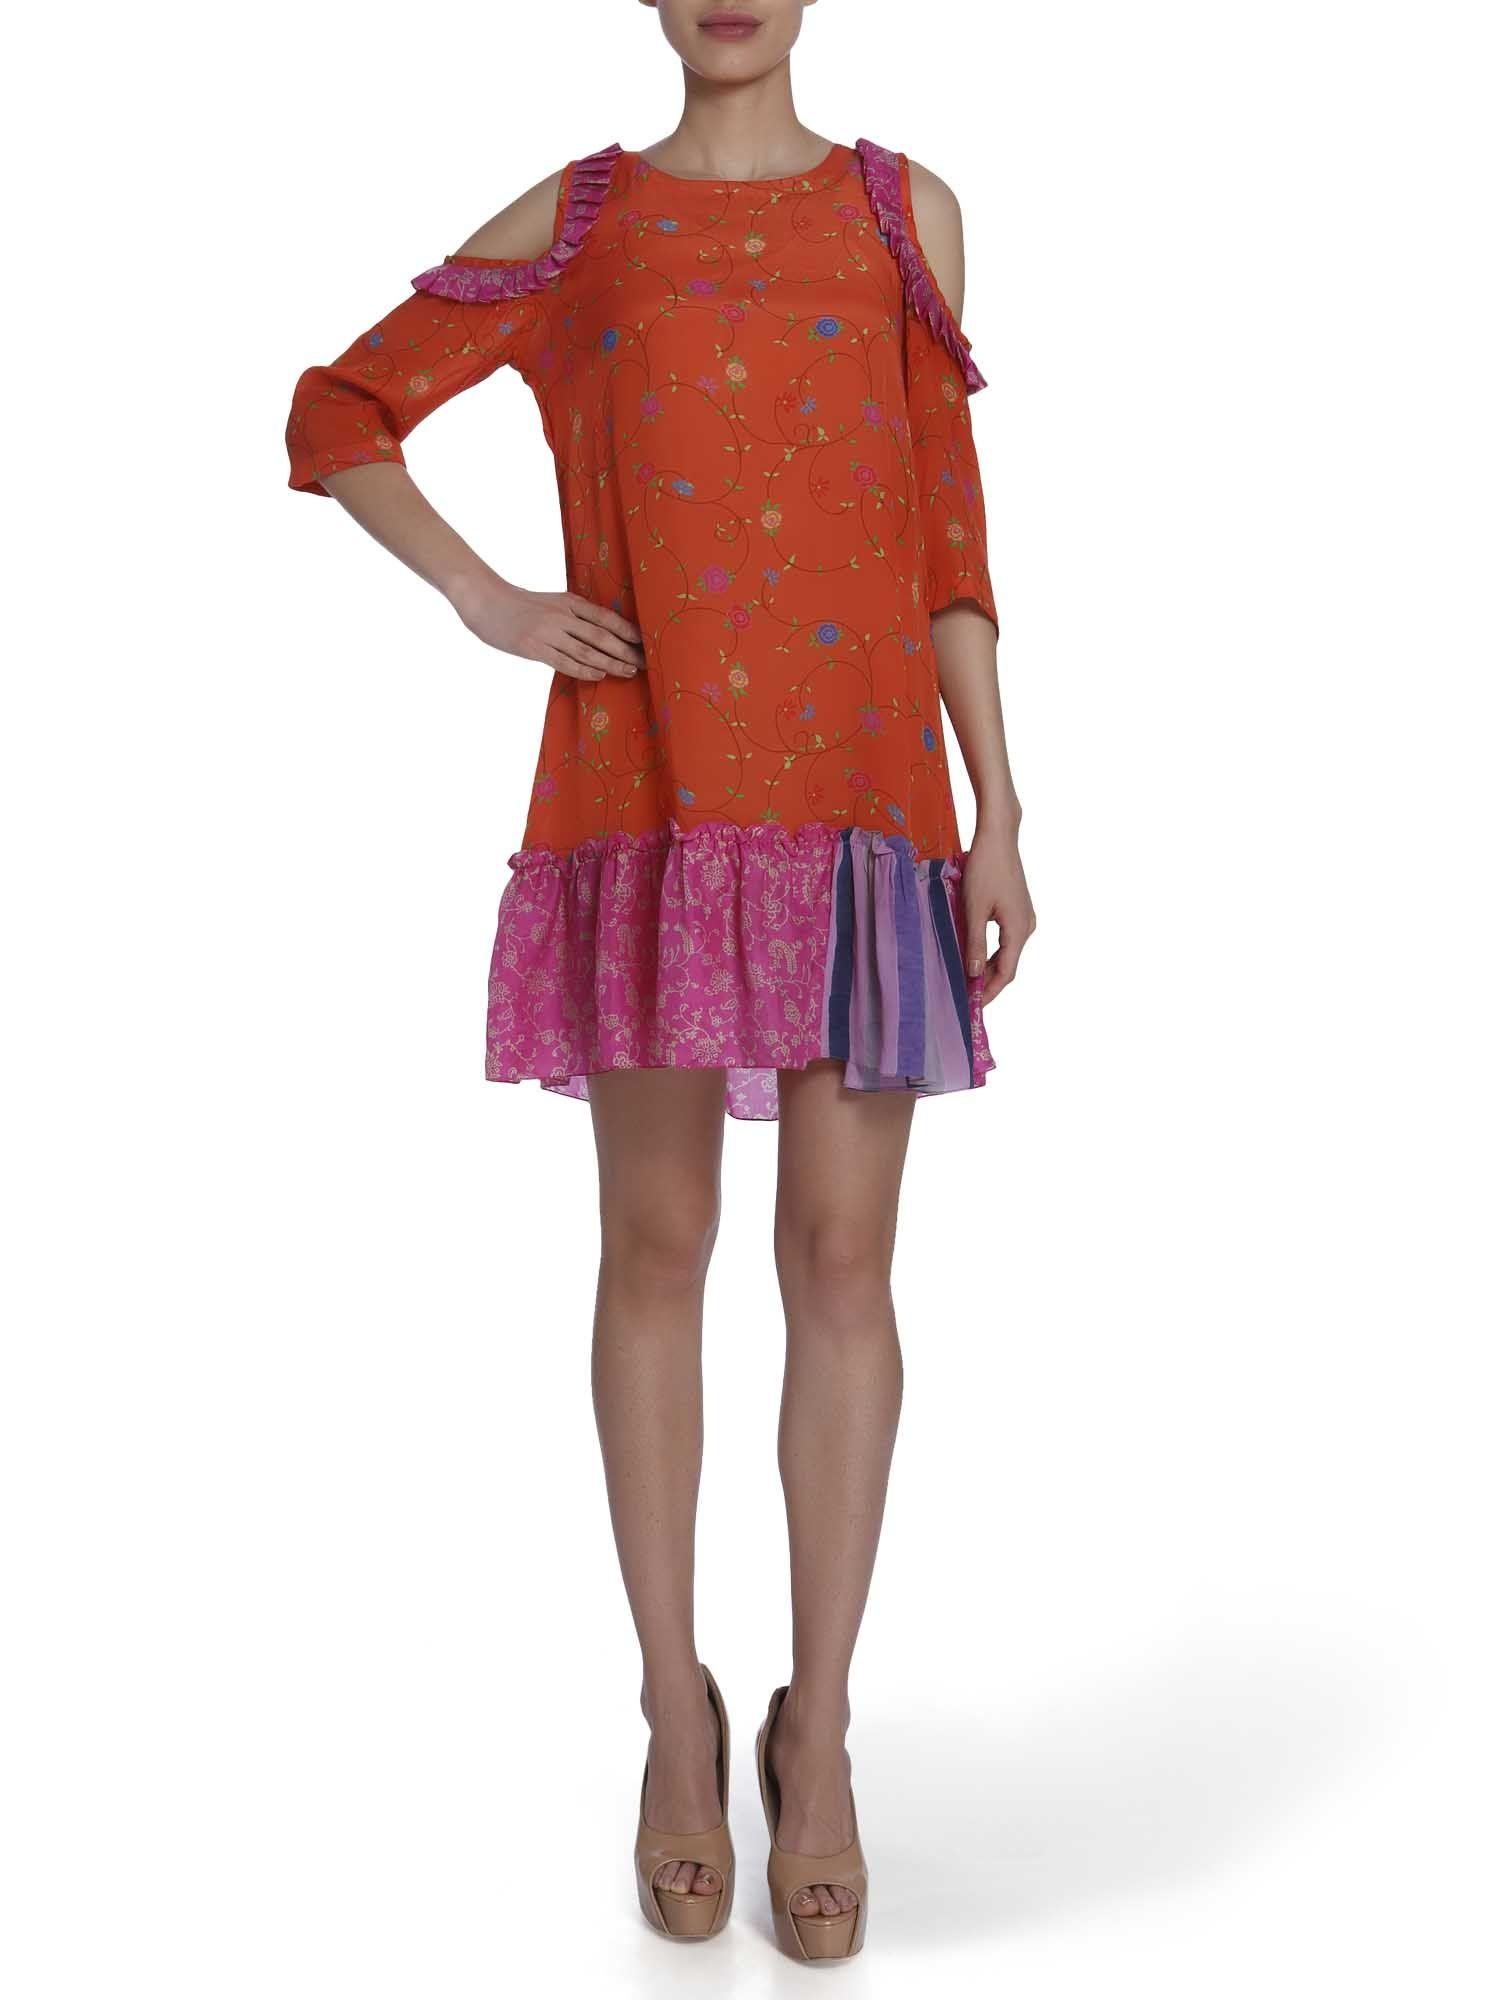 b6fba50203 Anupamaa Dayal Dresses : Buy Anupamaa Dayal Cold Shoulder Short ...